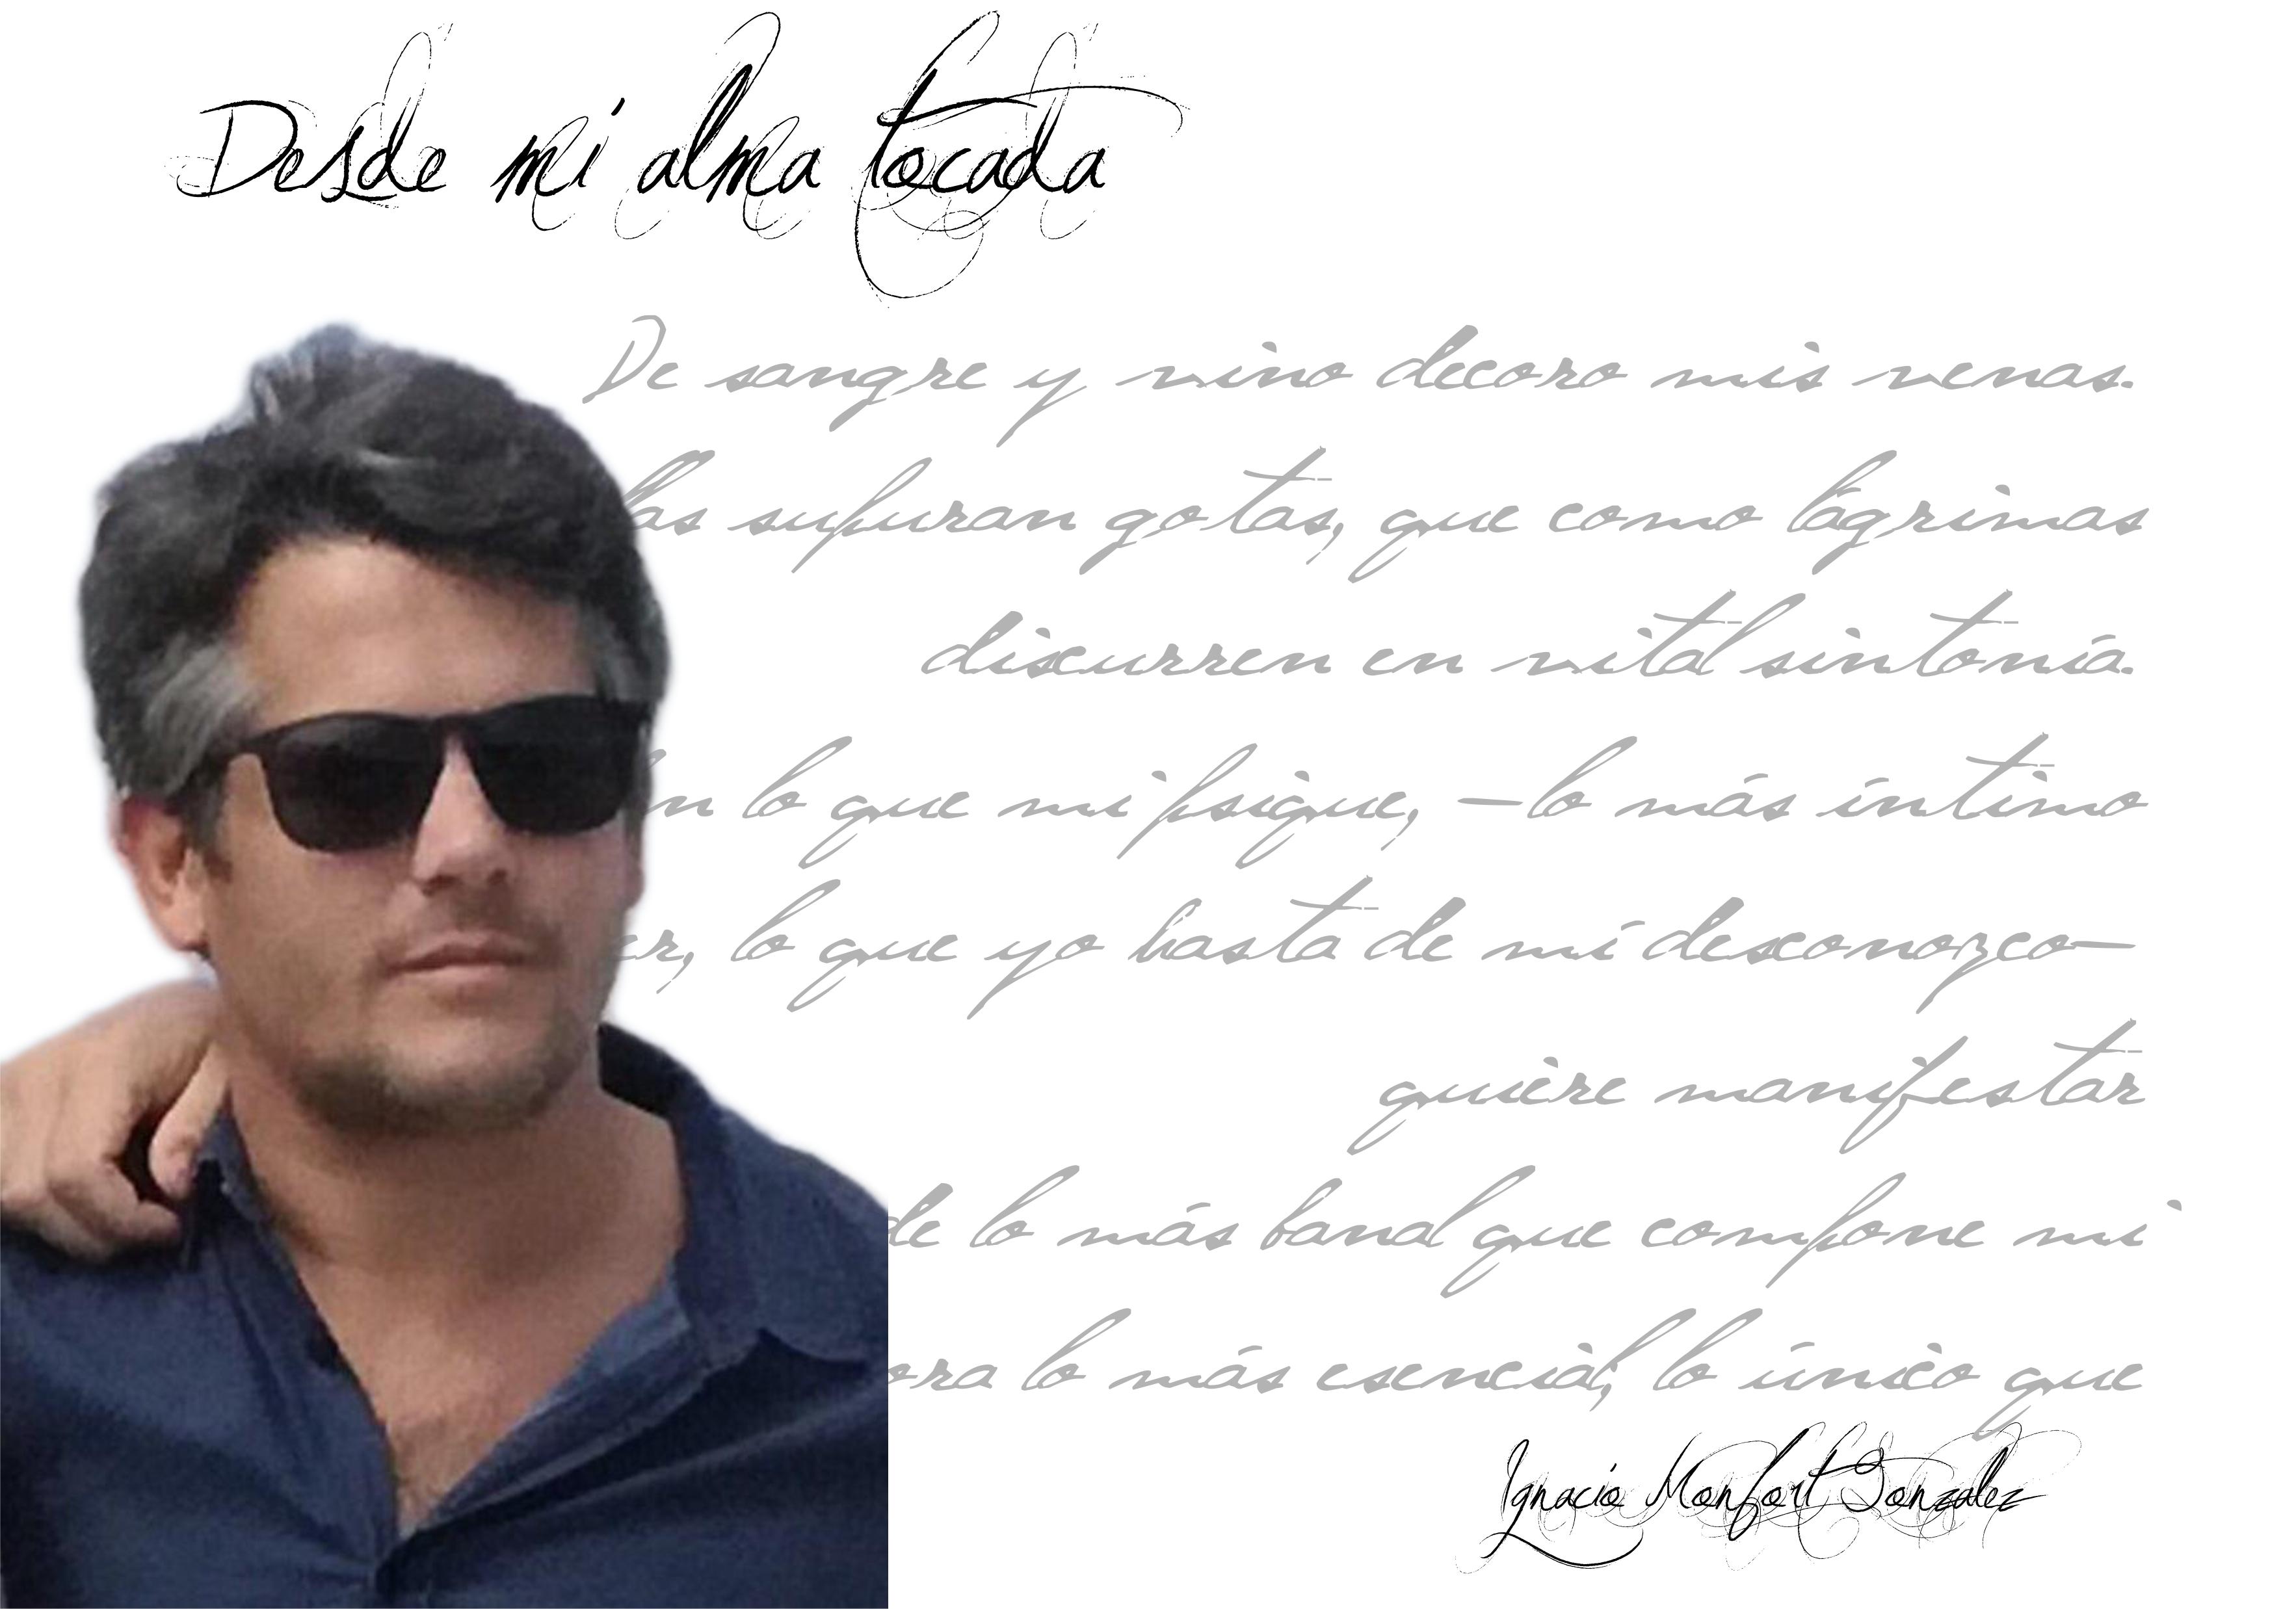 """Photo ofIgnacio Monfort González  Ignacio Monfort González: """"Siempre me ha encantado la escritura desde pequeño"""" Entrevista a Ignacio Monfort Gonz  lez"""